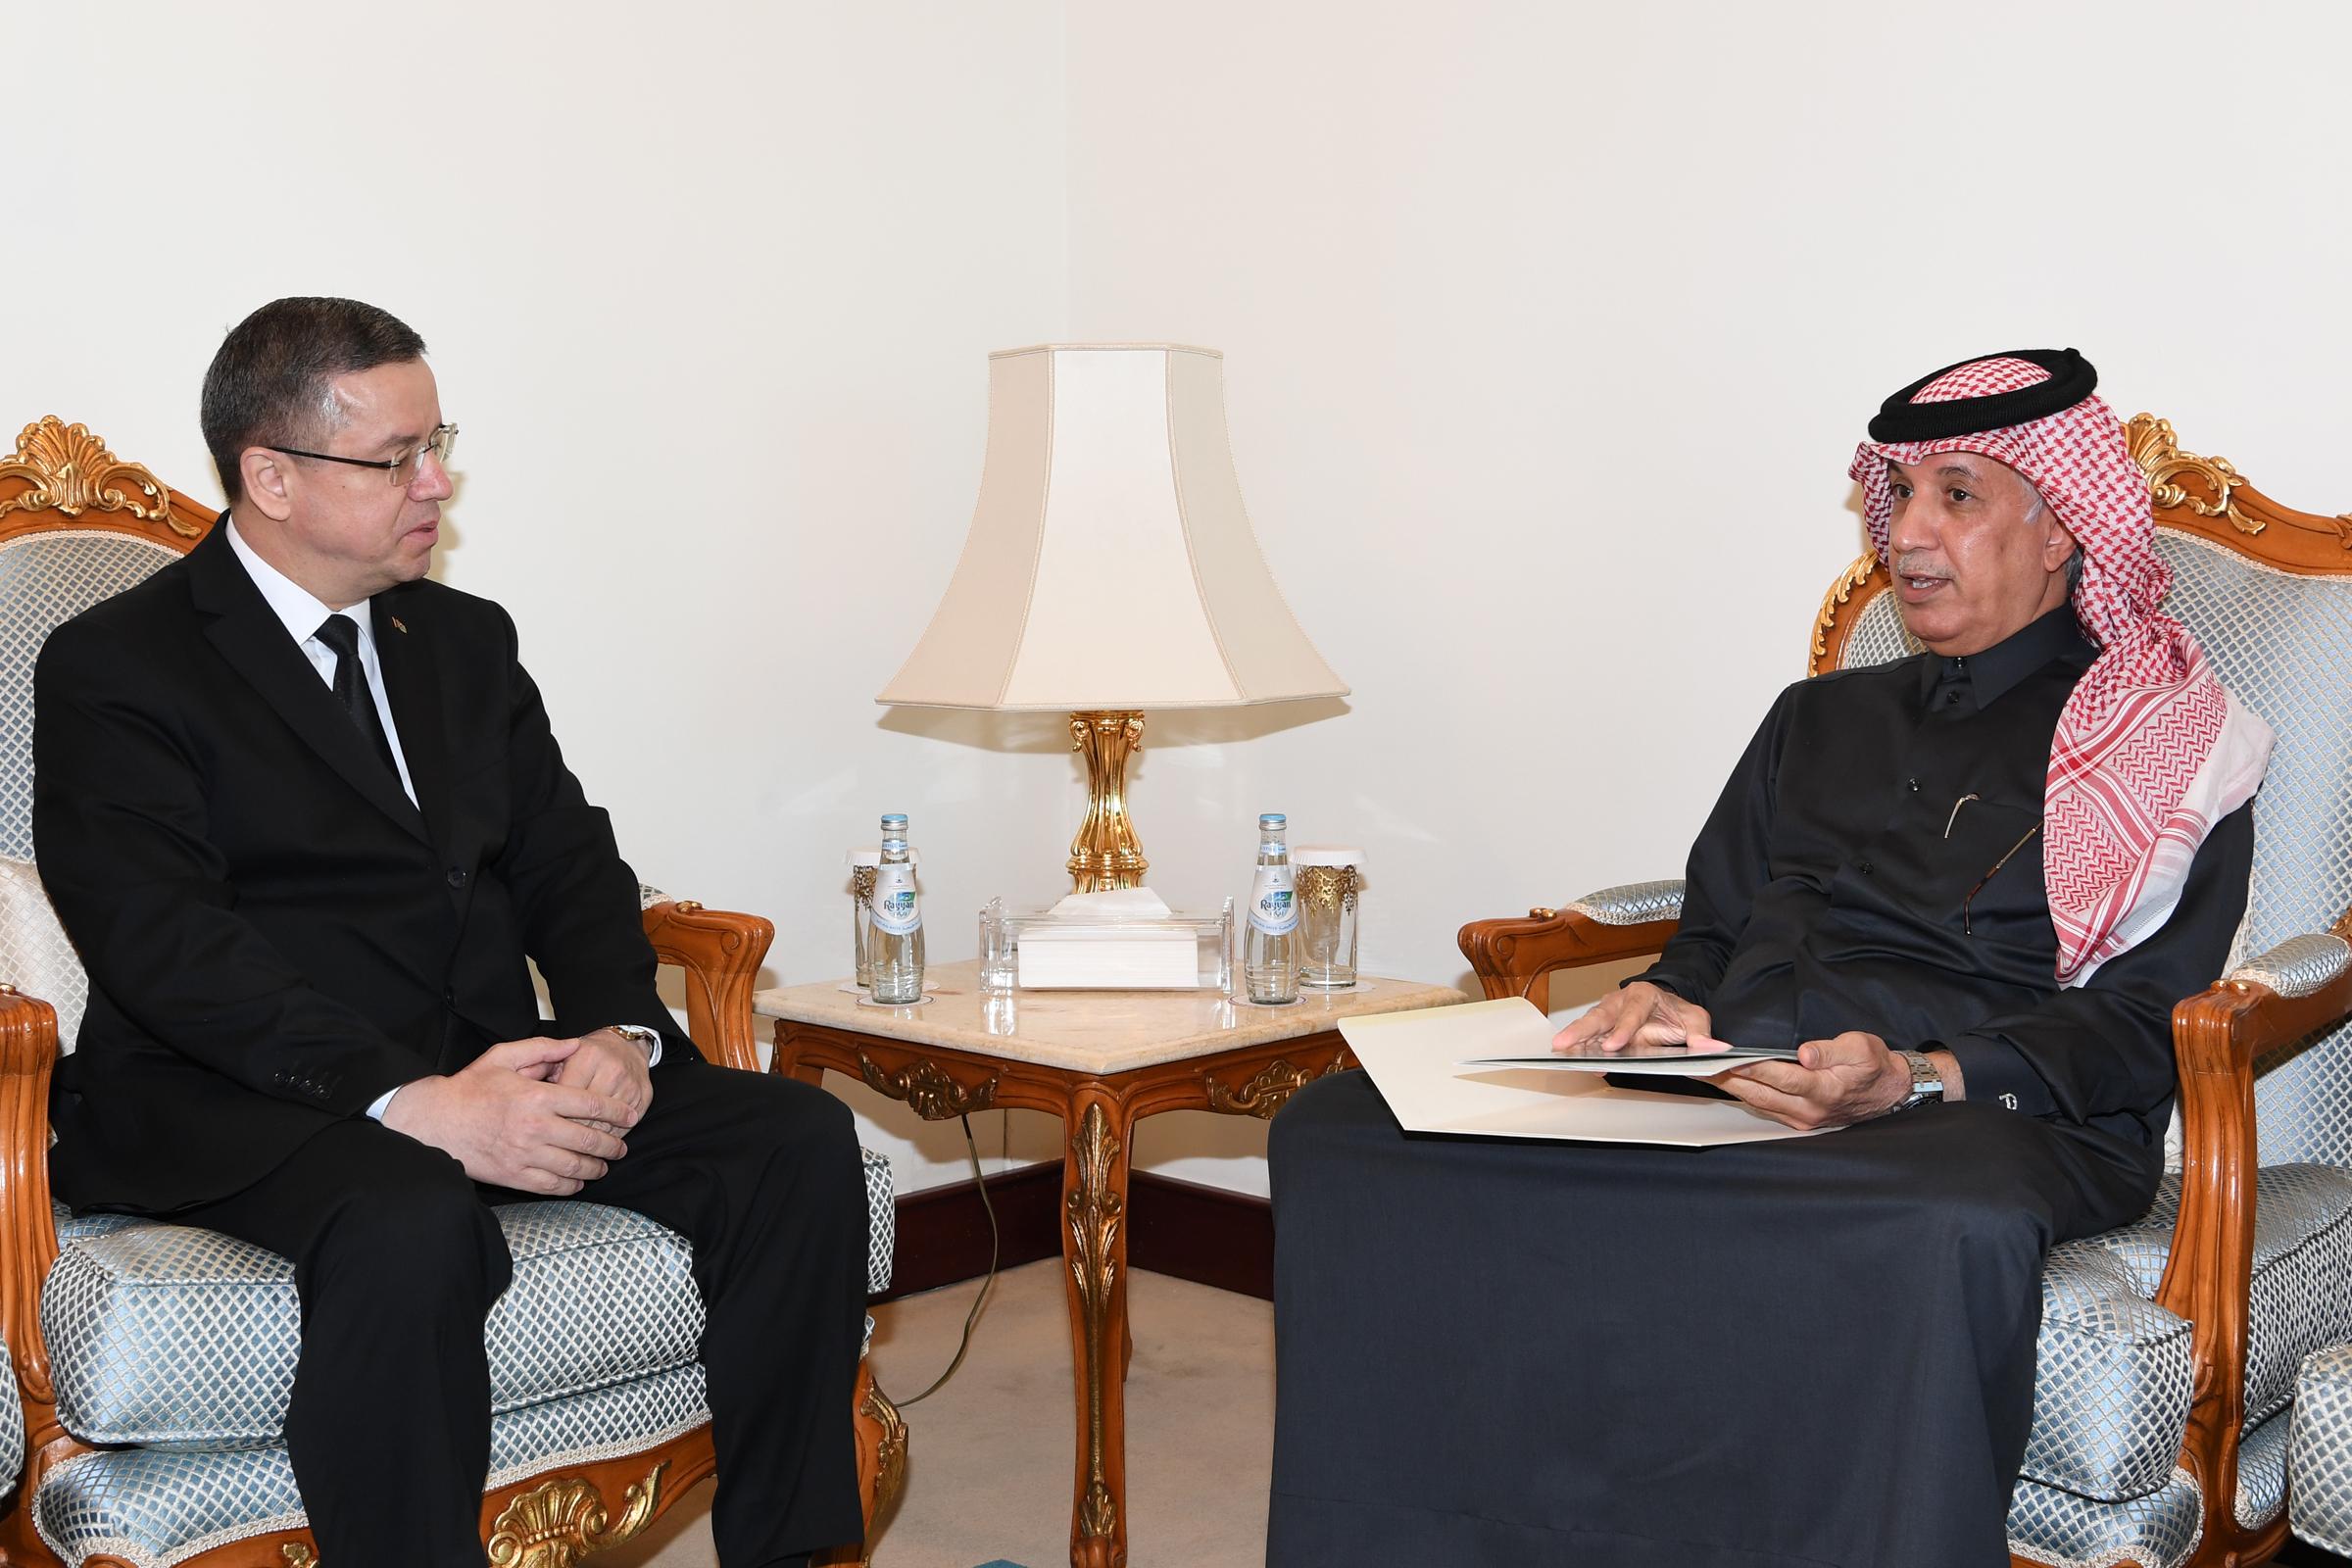 سمو الأمير يتلقى رسالة خطية من رئيس جمهورية تركمانستان